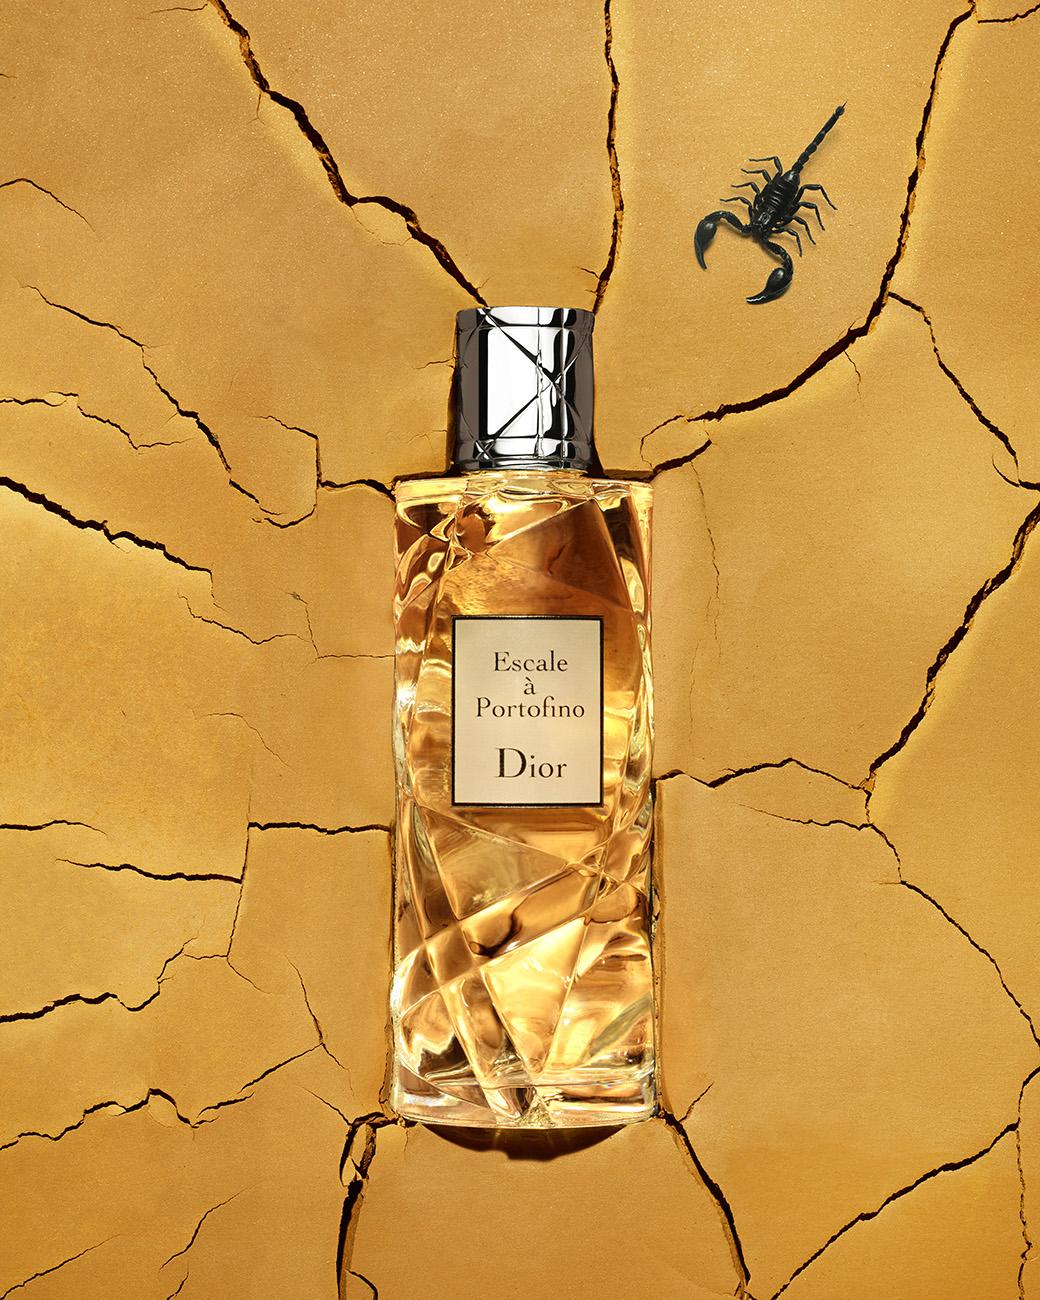 nicolas_mingalon_valerie_paumelle_agent_still_life_photographe_nature_morte_parfum_fragrance_saisons (3).jpg